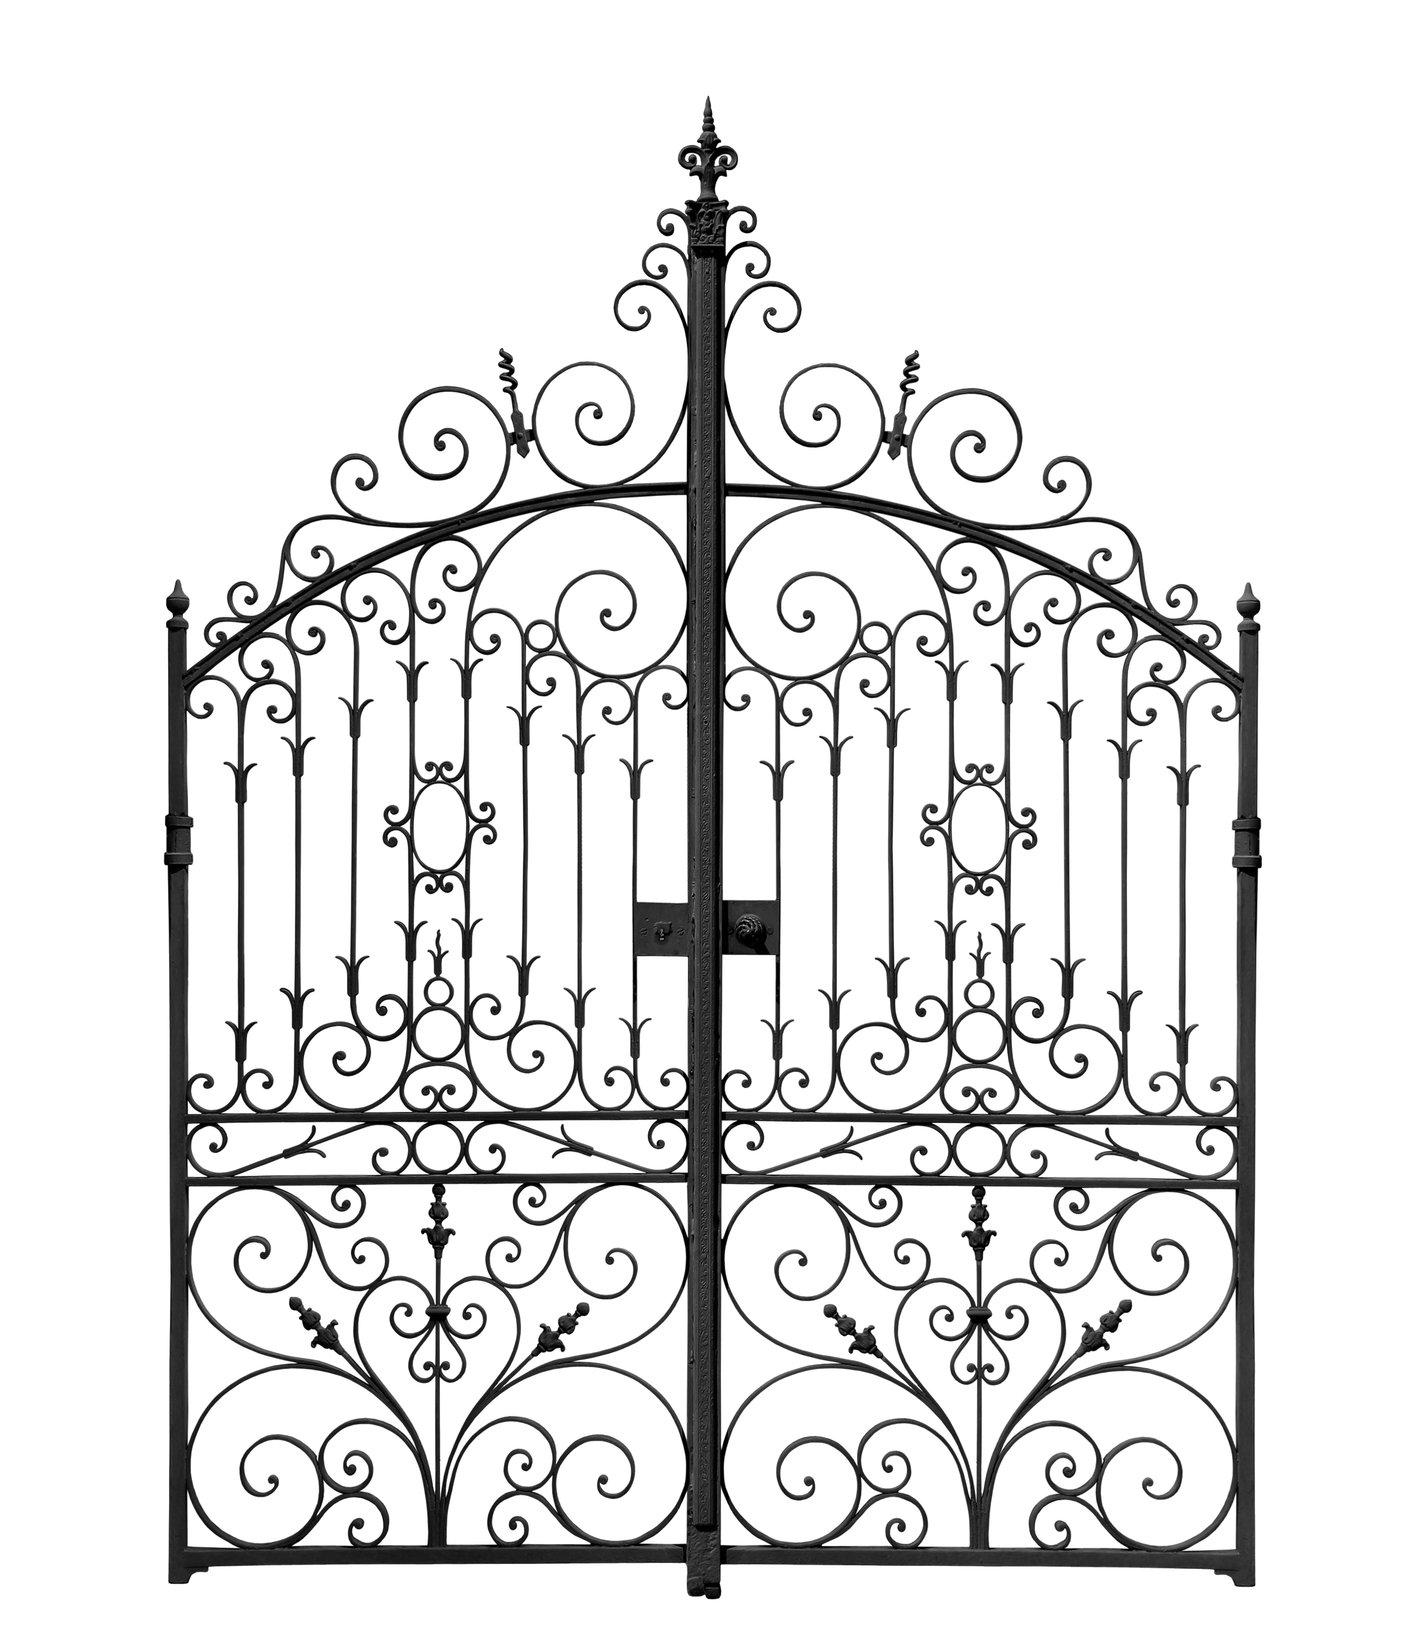 1417x1645 Decor Small Wrought Iron Gates Wrought Iron Gate